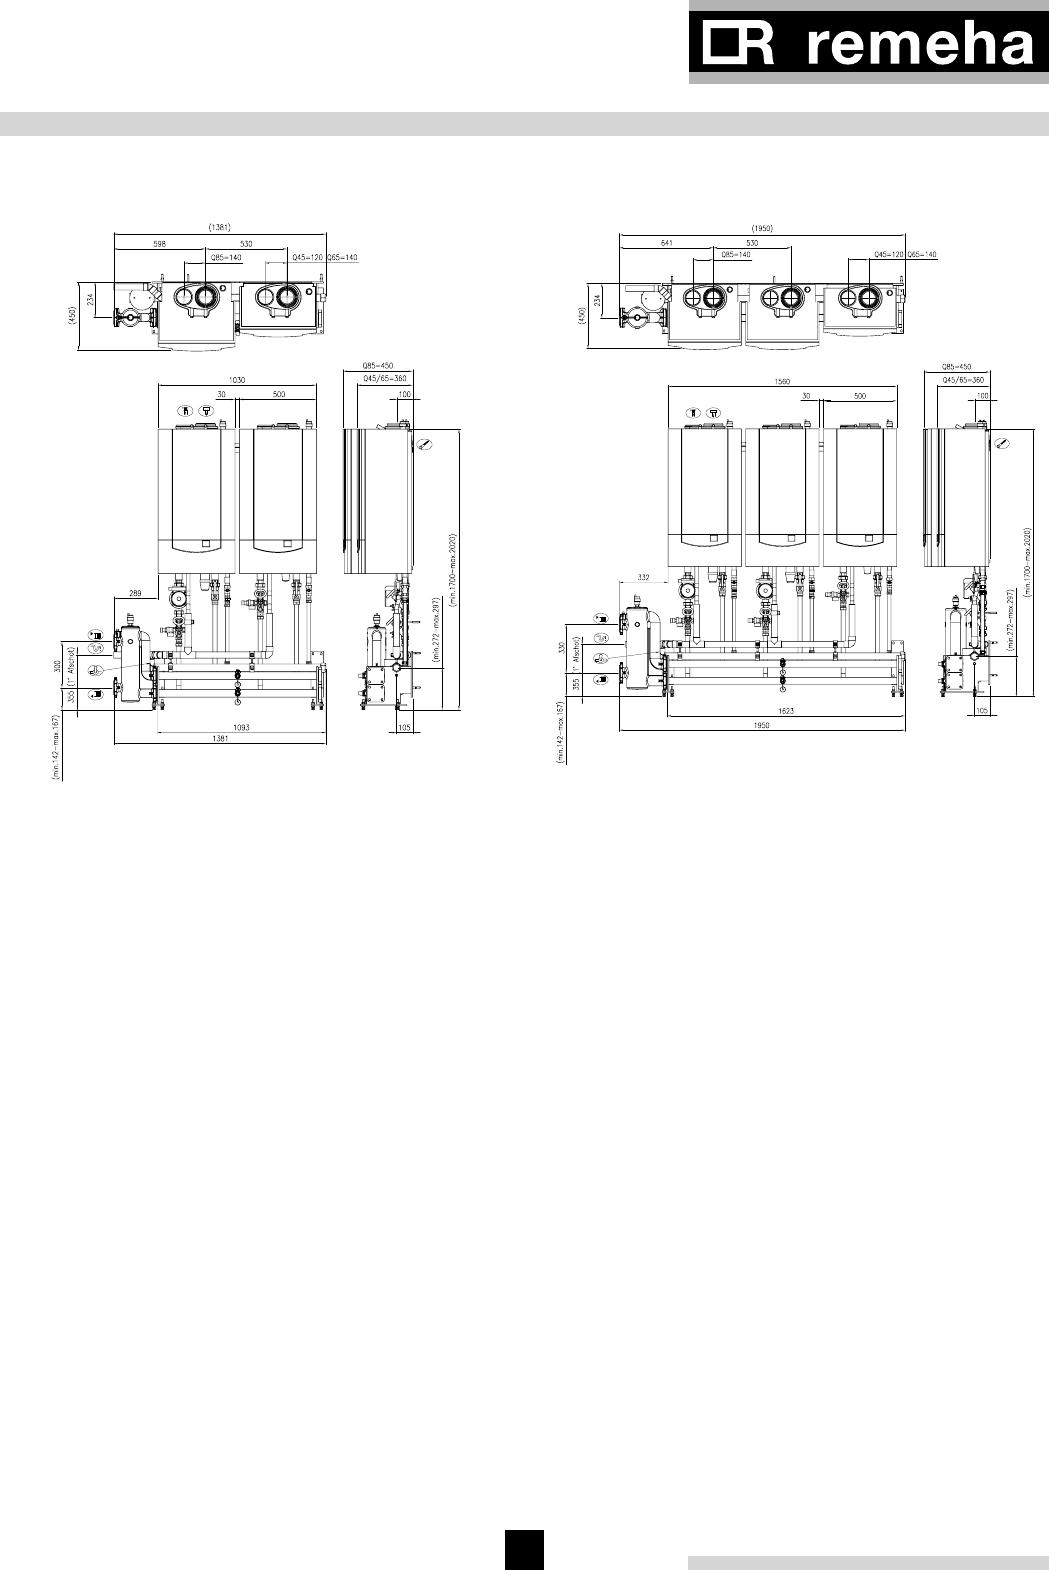 handleiding remeha cascade systeem  pagina 27 van 52